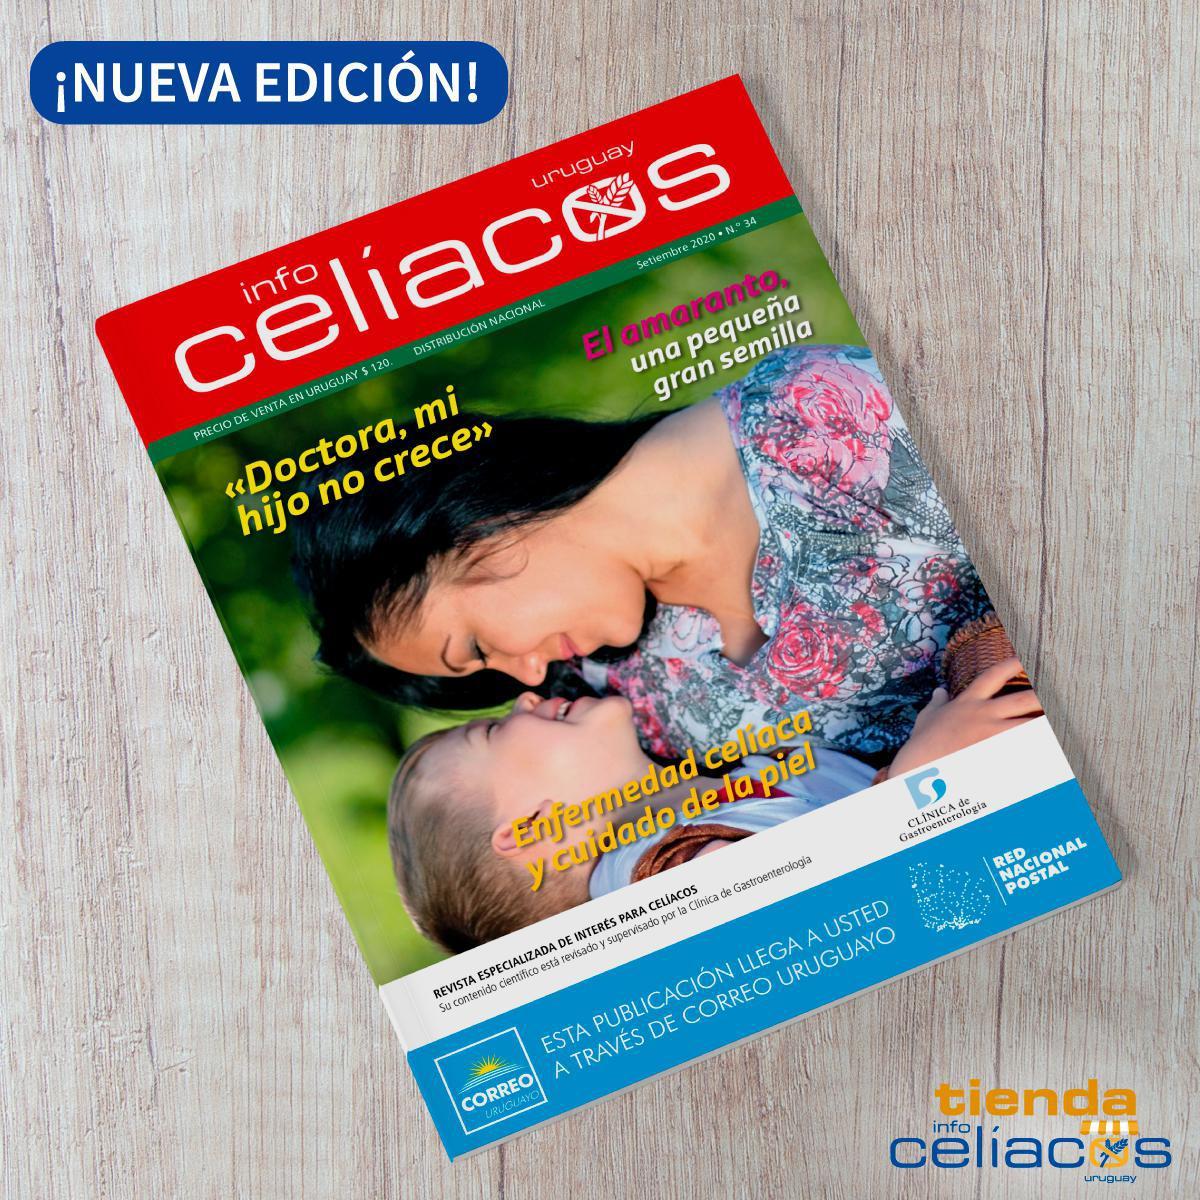 Revista Infocelíacos Setiembre